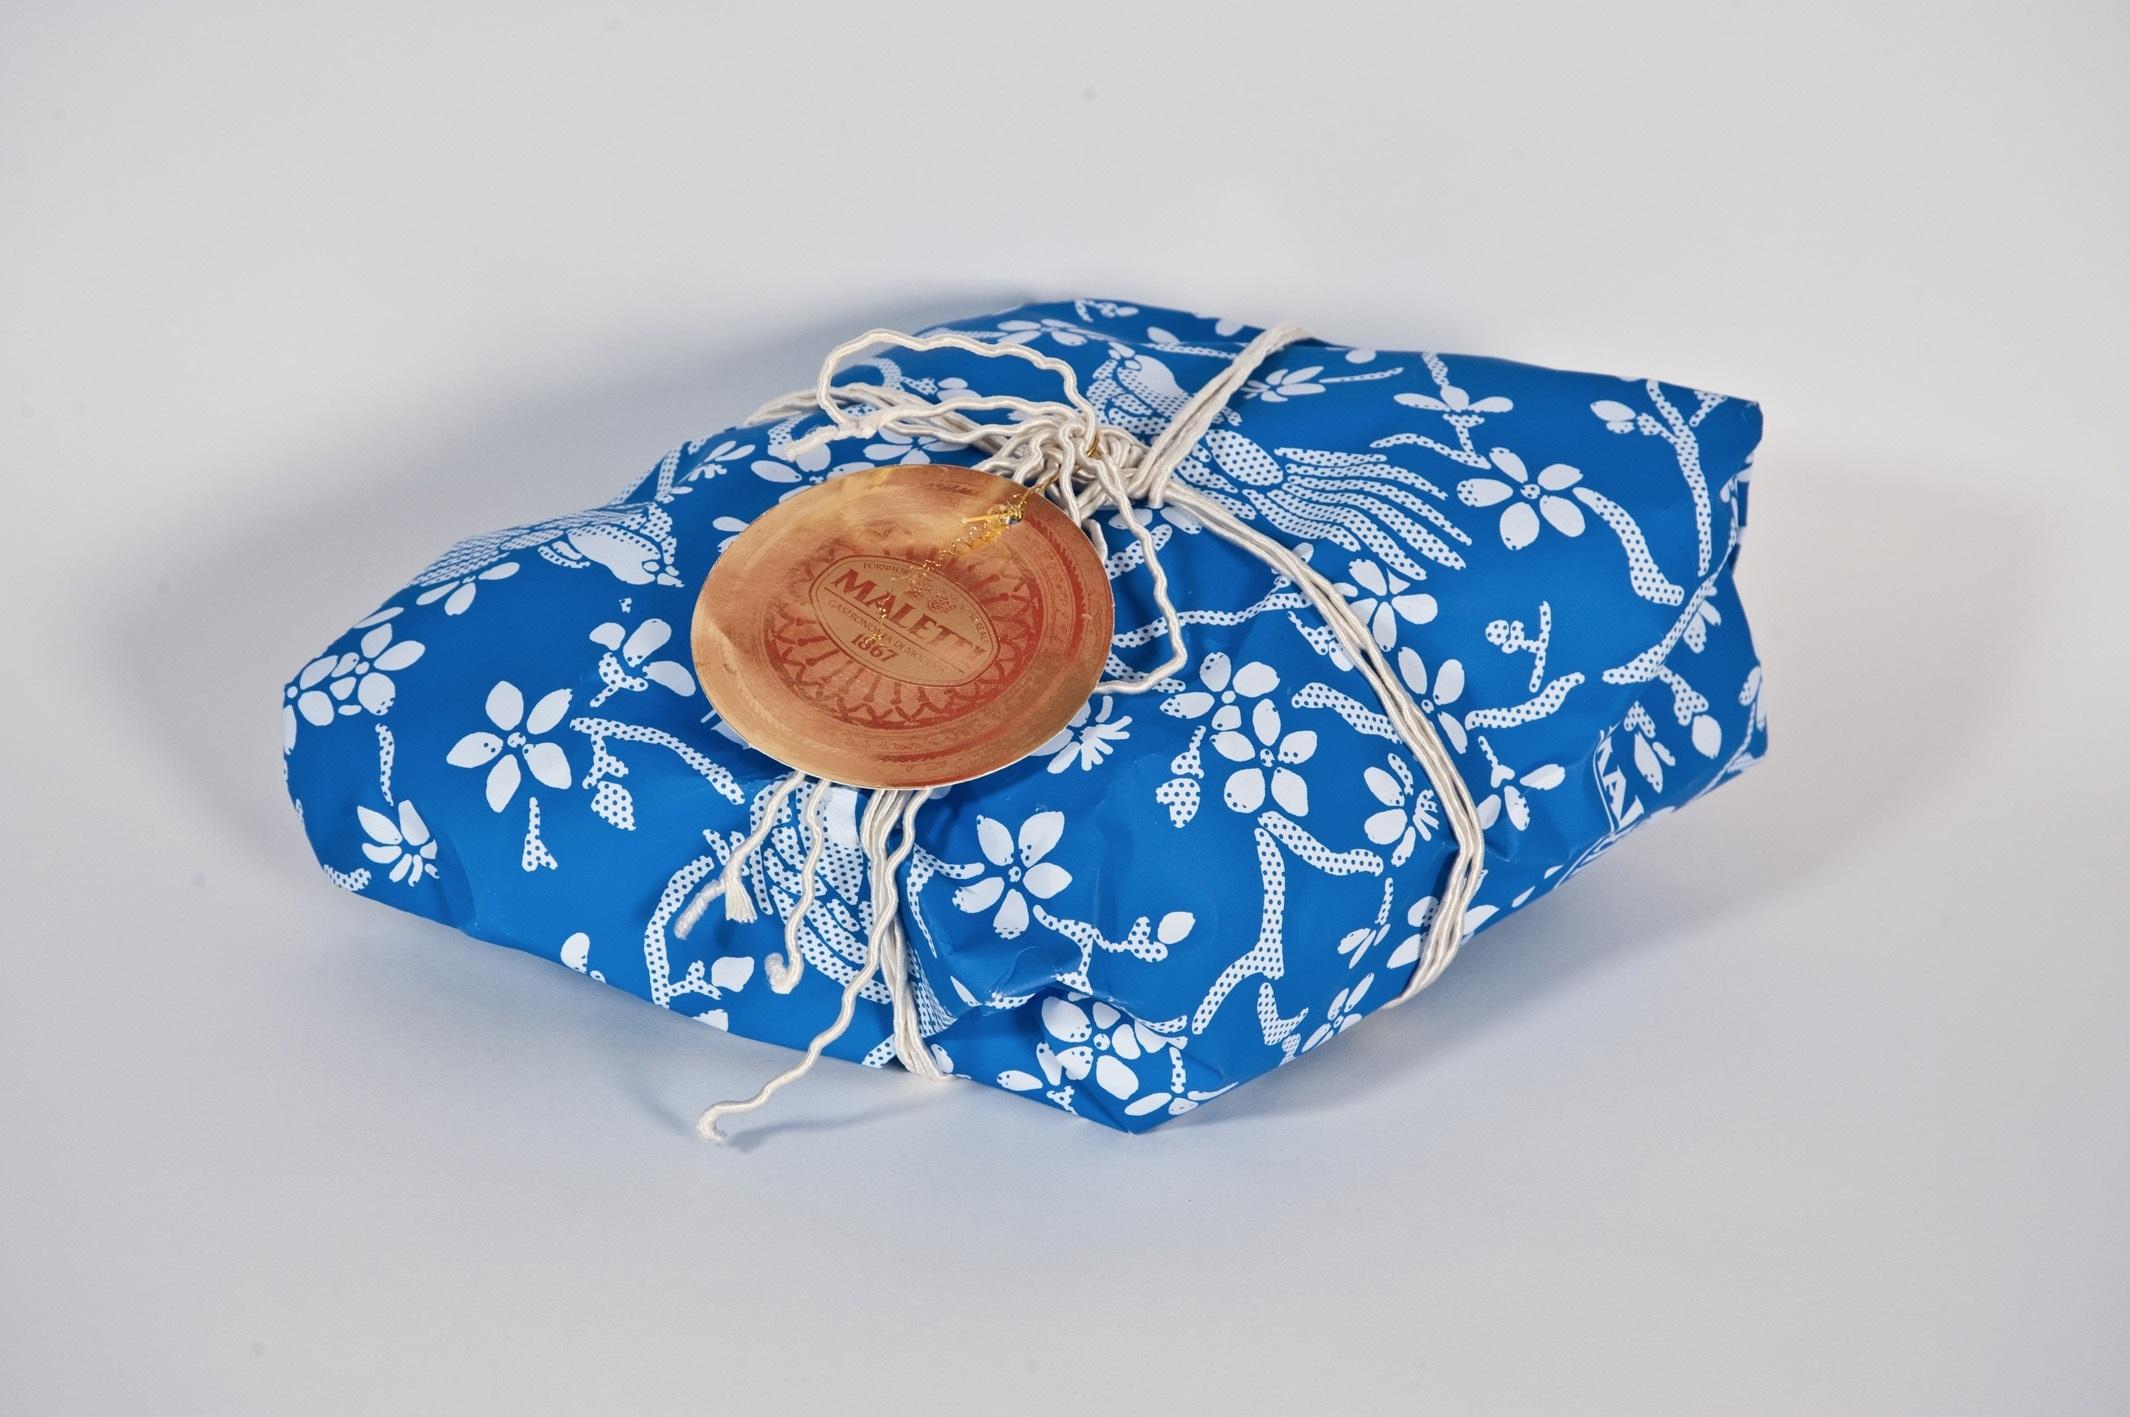 cantuccio morbido cioccolato e nocciole maletti